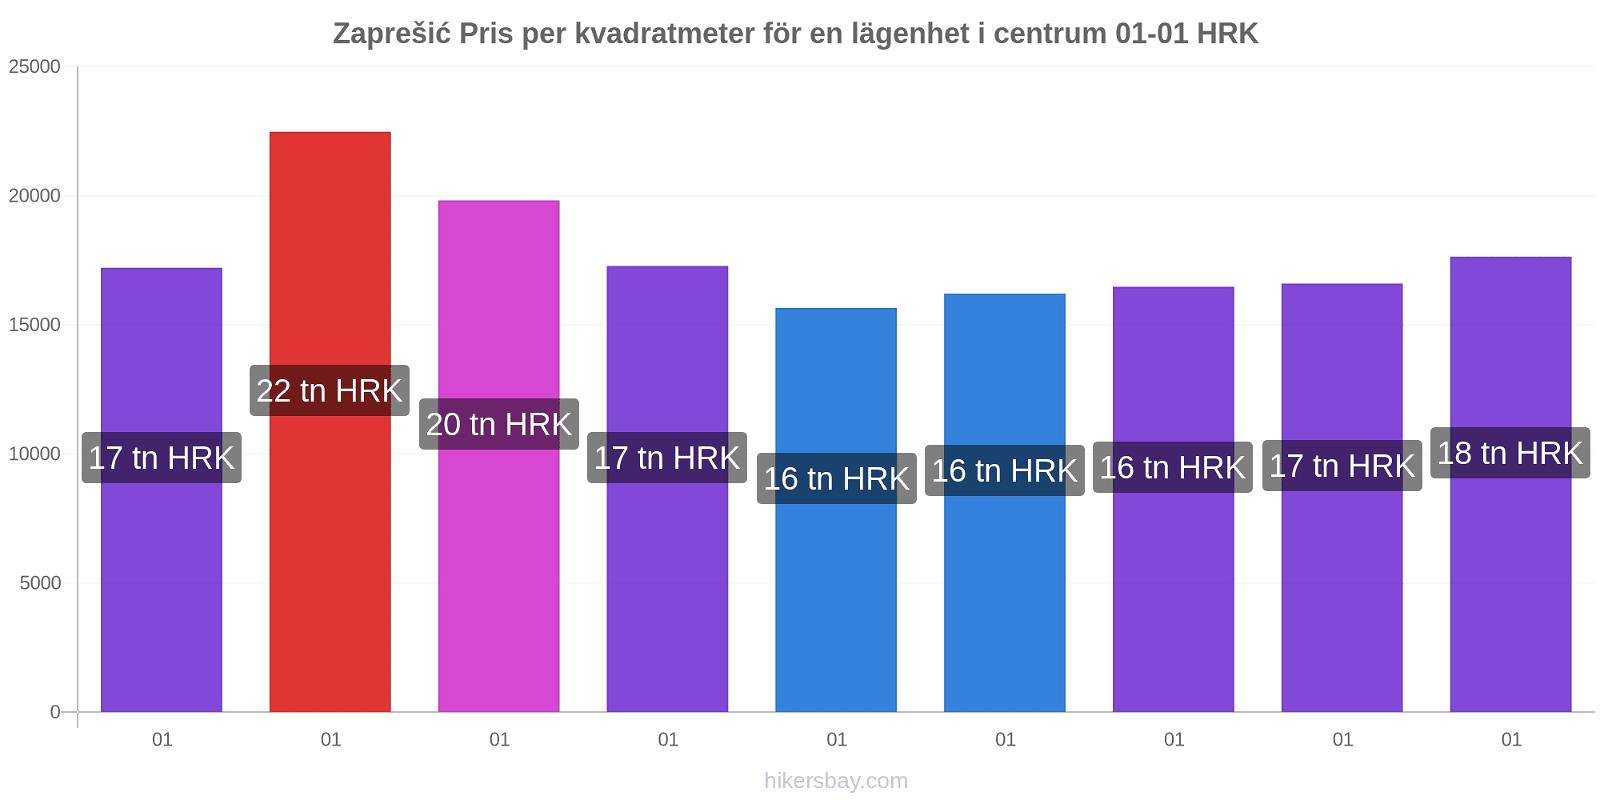 Zaprešić prisförändringar Pris per kvadratmeter för en lägenhet i centrum hikersbay.com